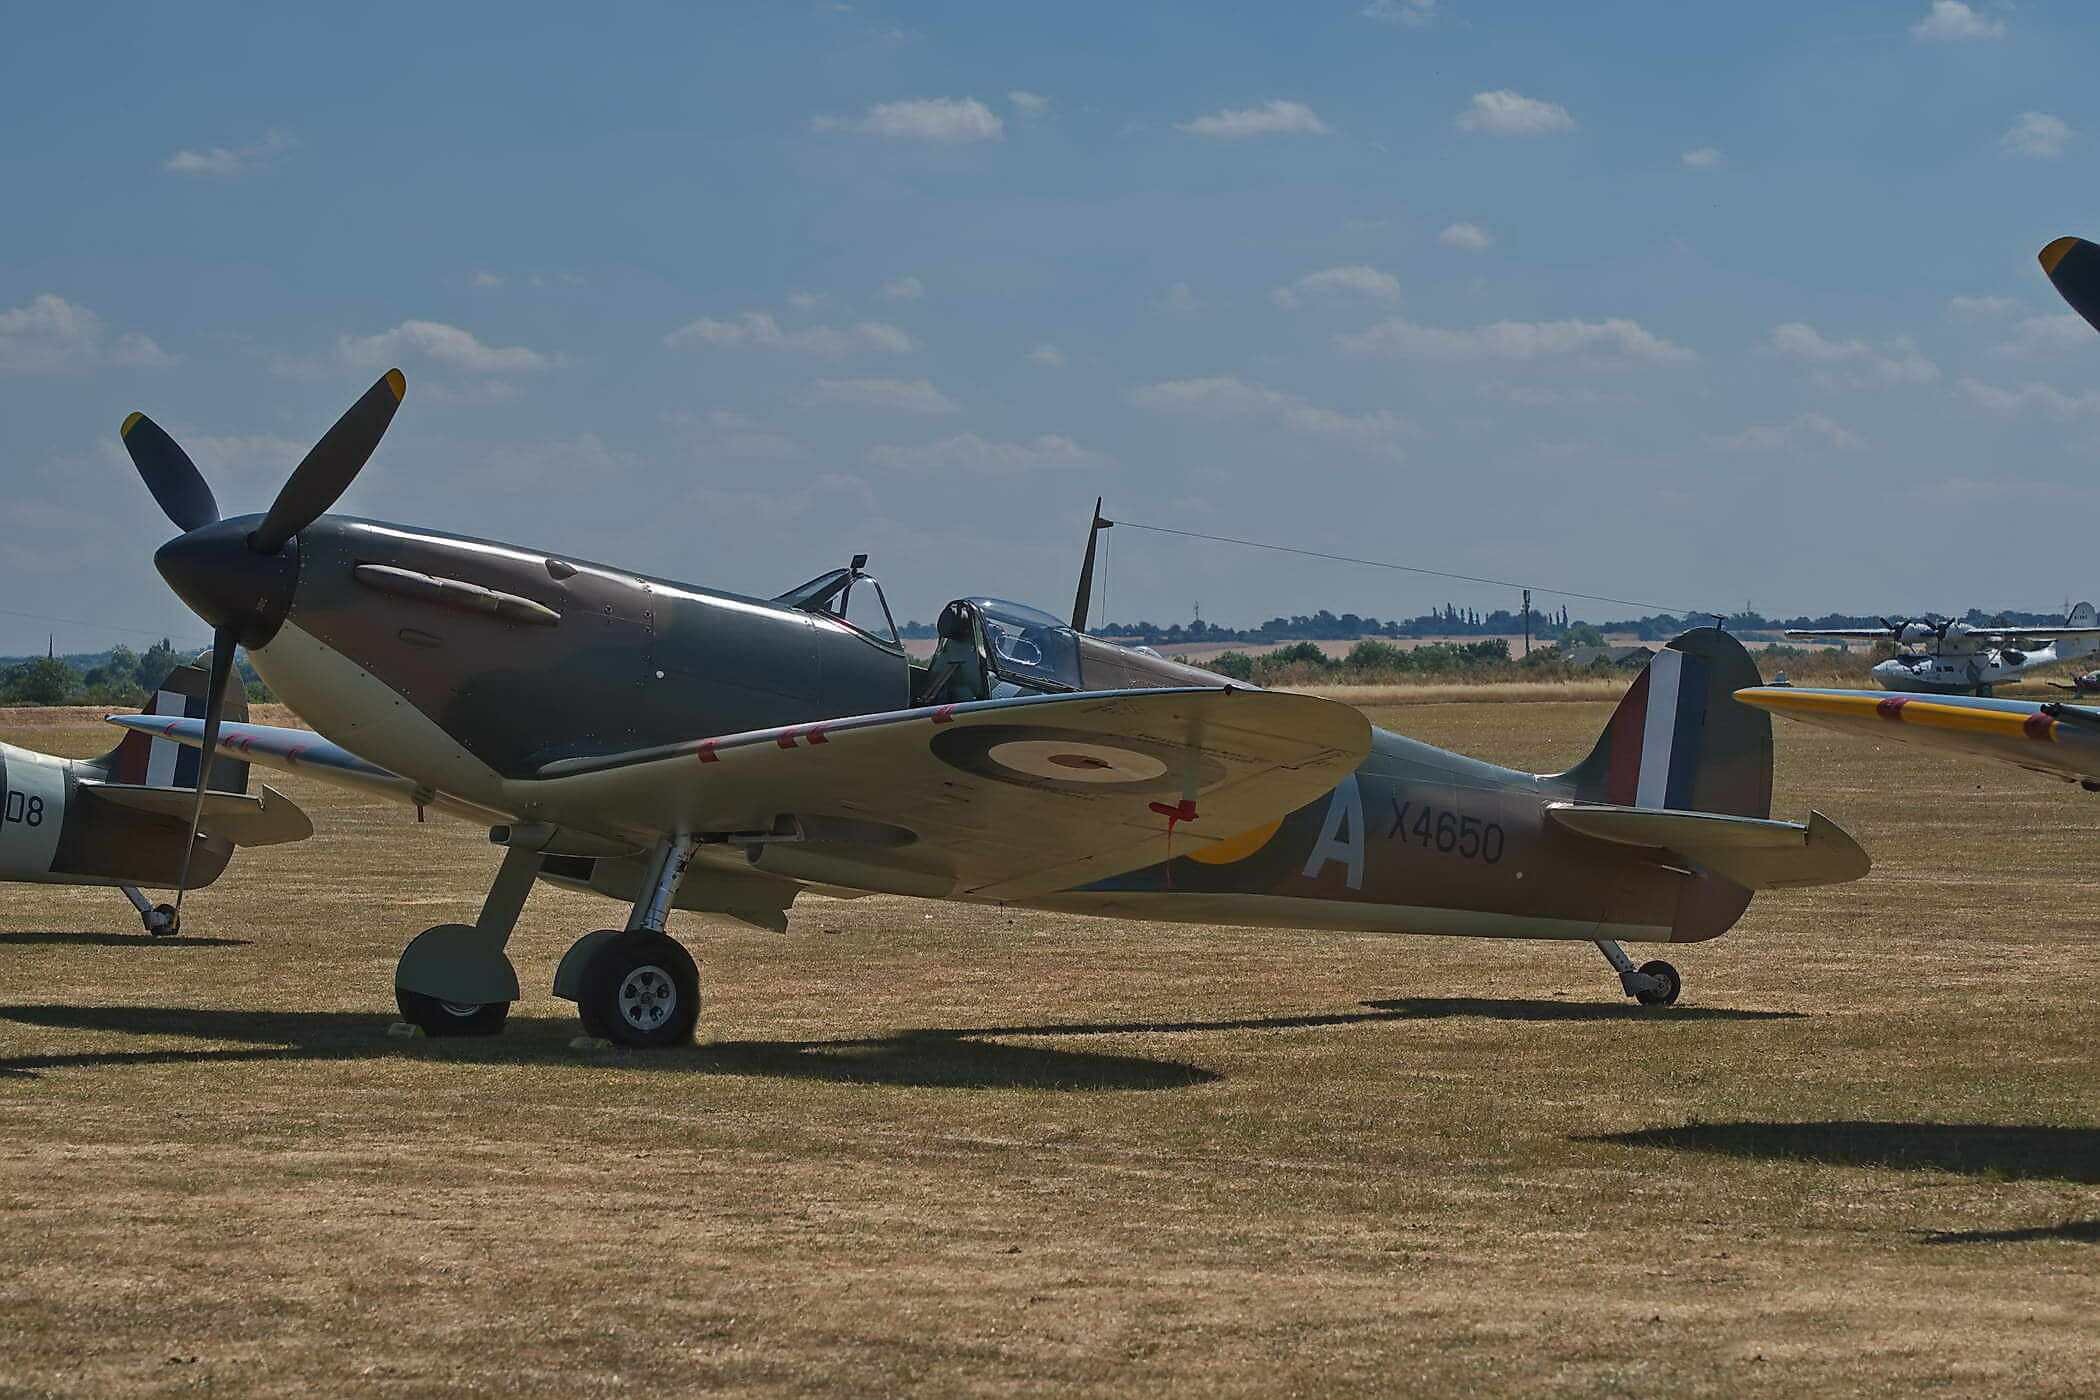 Spitfire IA X4650